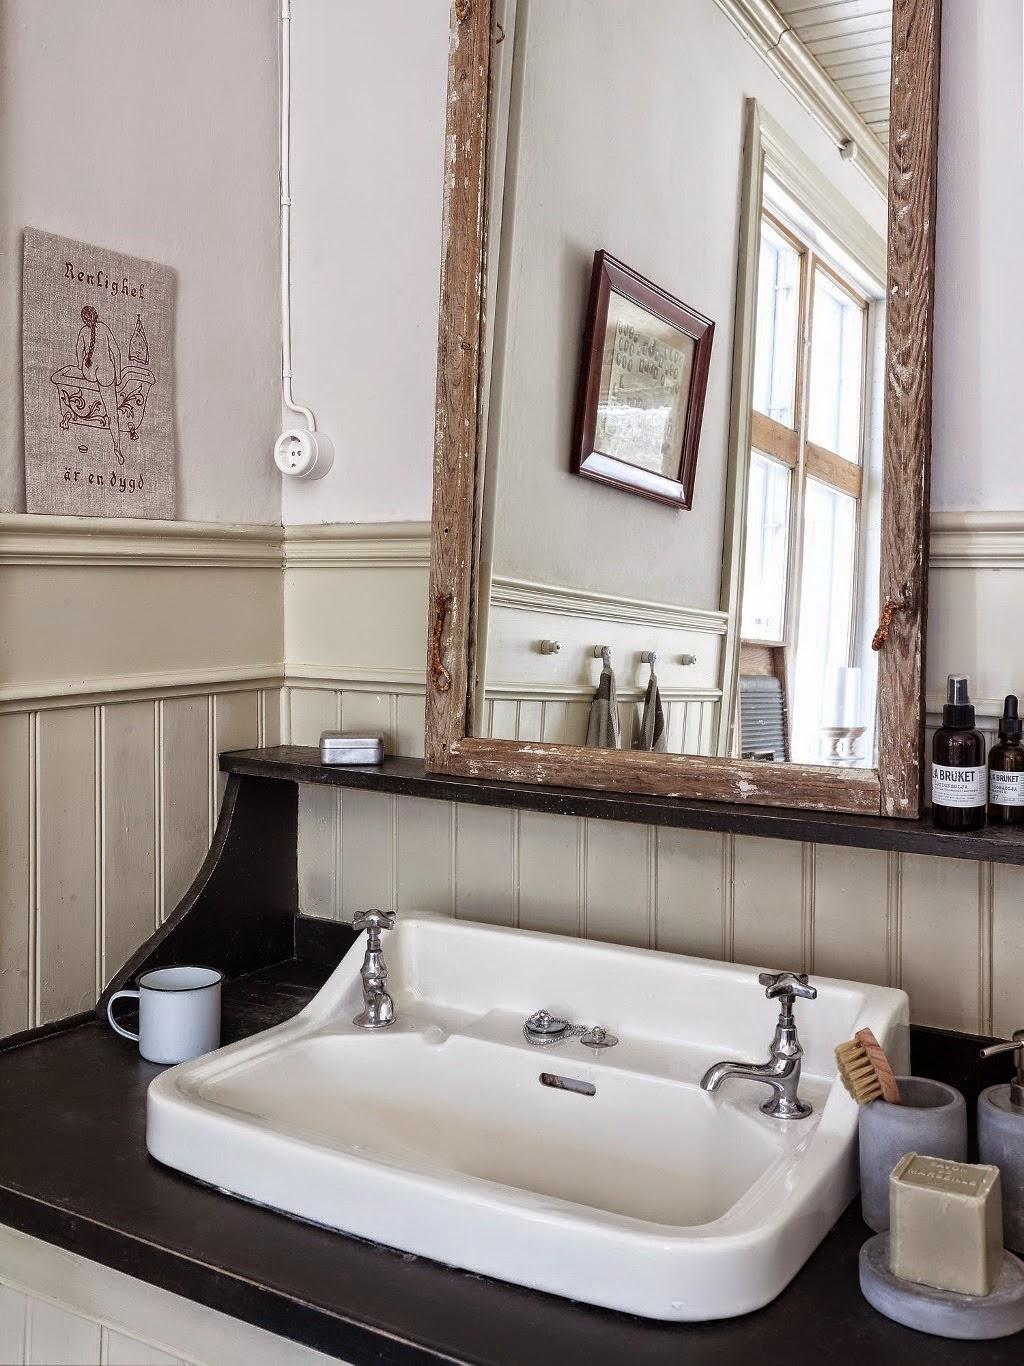 Home garden une salle de bains r tro - Deco salle de bain vintage ...